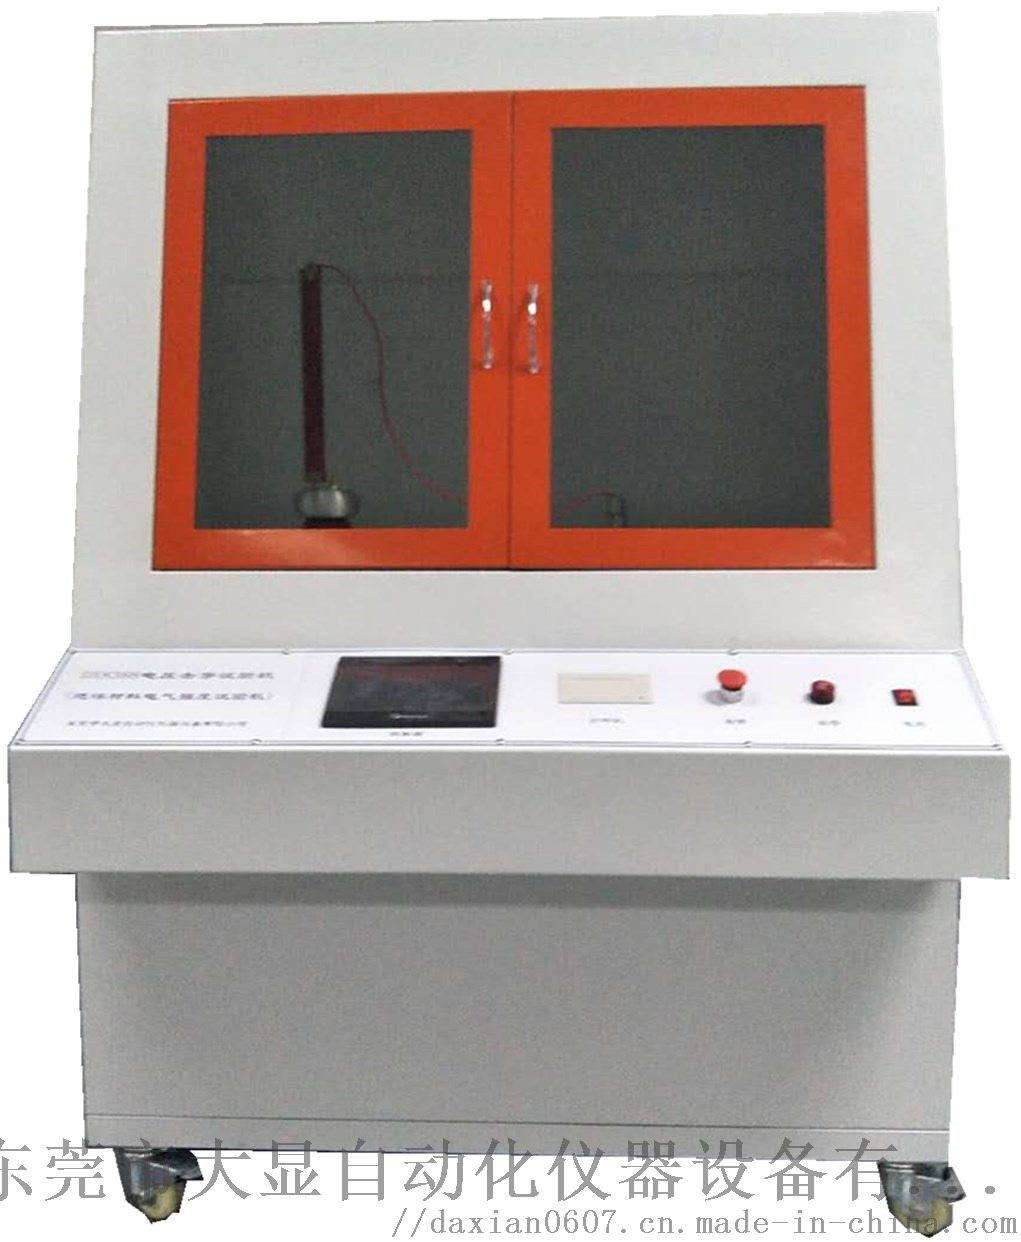 (工频试验方法)击穿强度试验机830897385